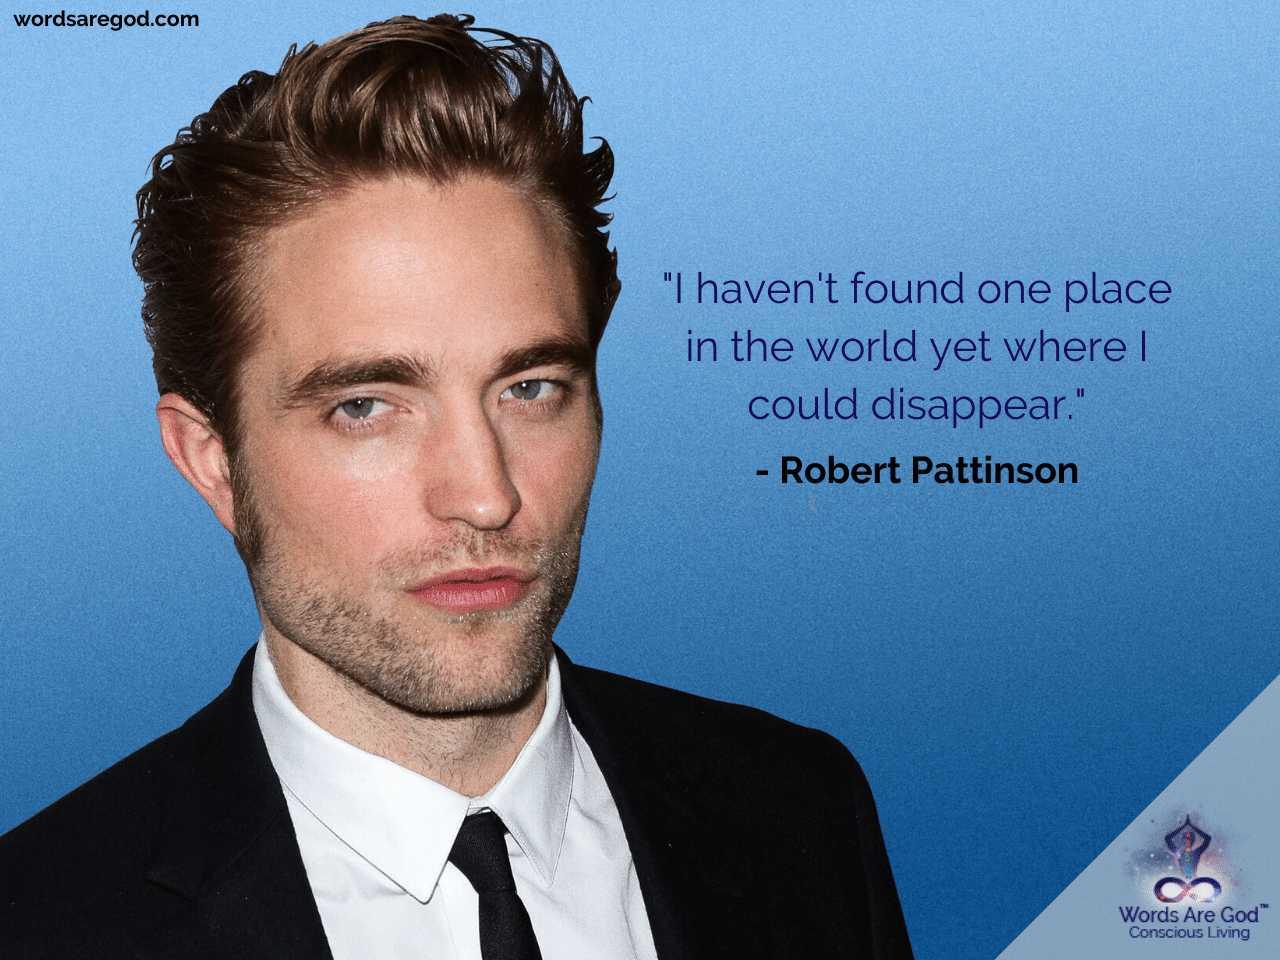 Robert Pattinson Inspirational Quotes